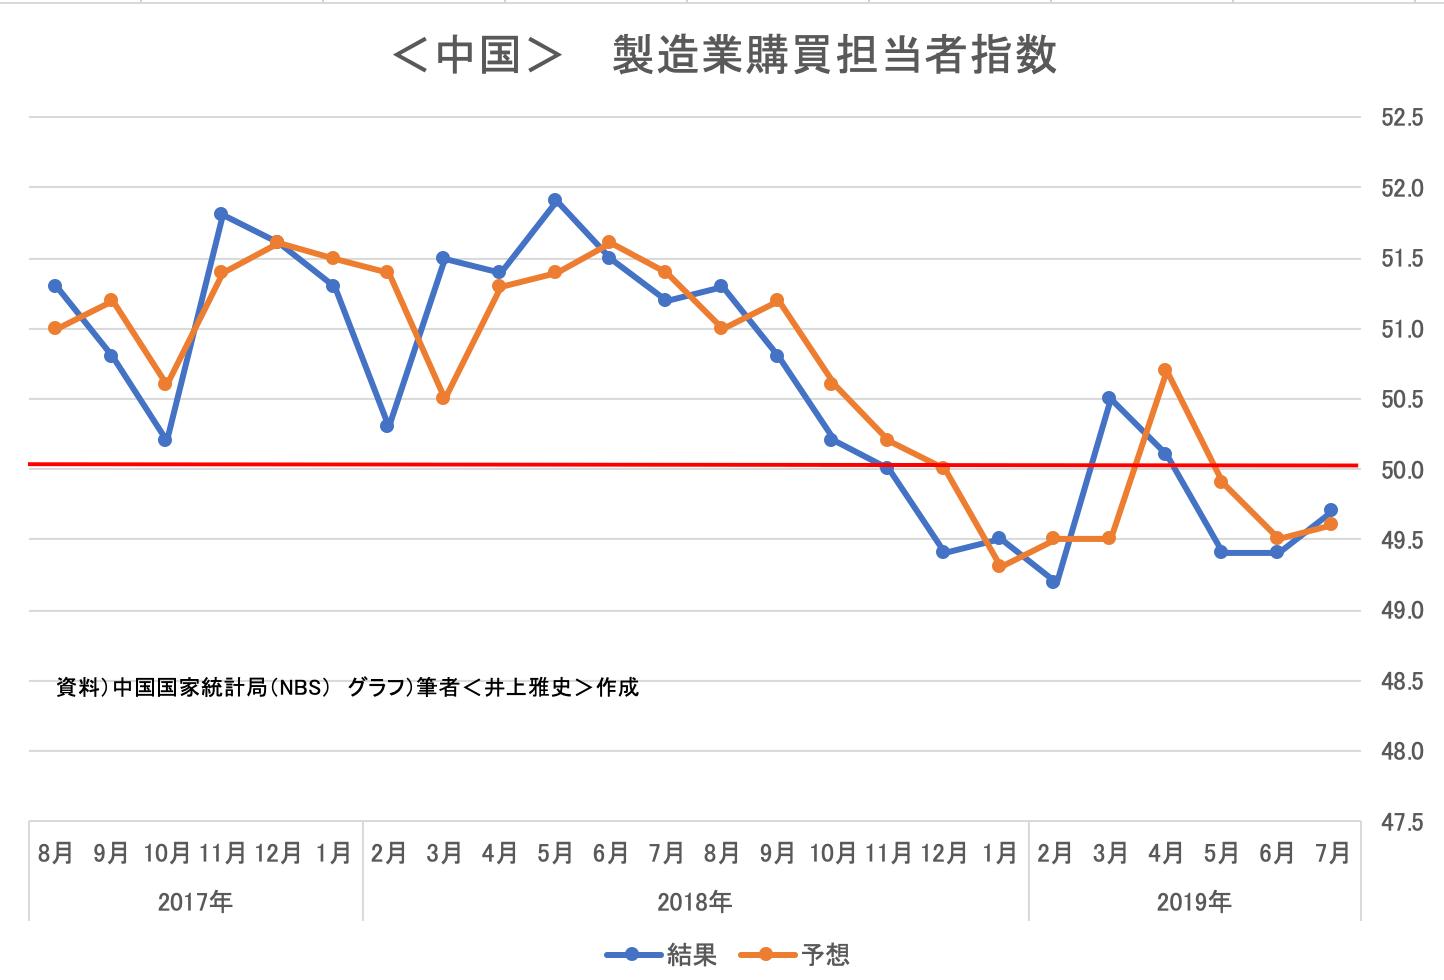 <中国>  製造業購買担当者指数